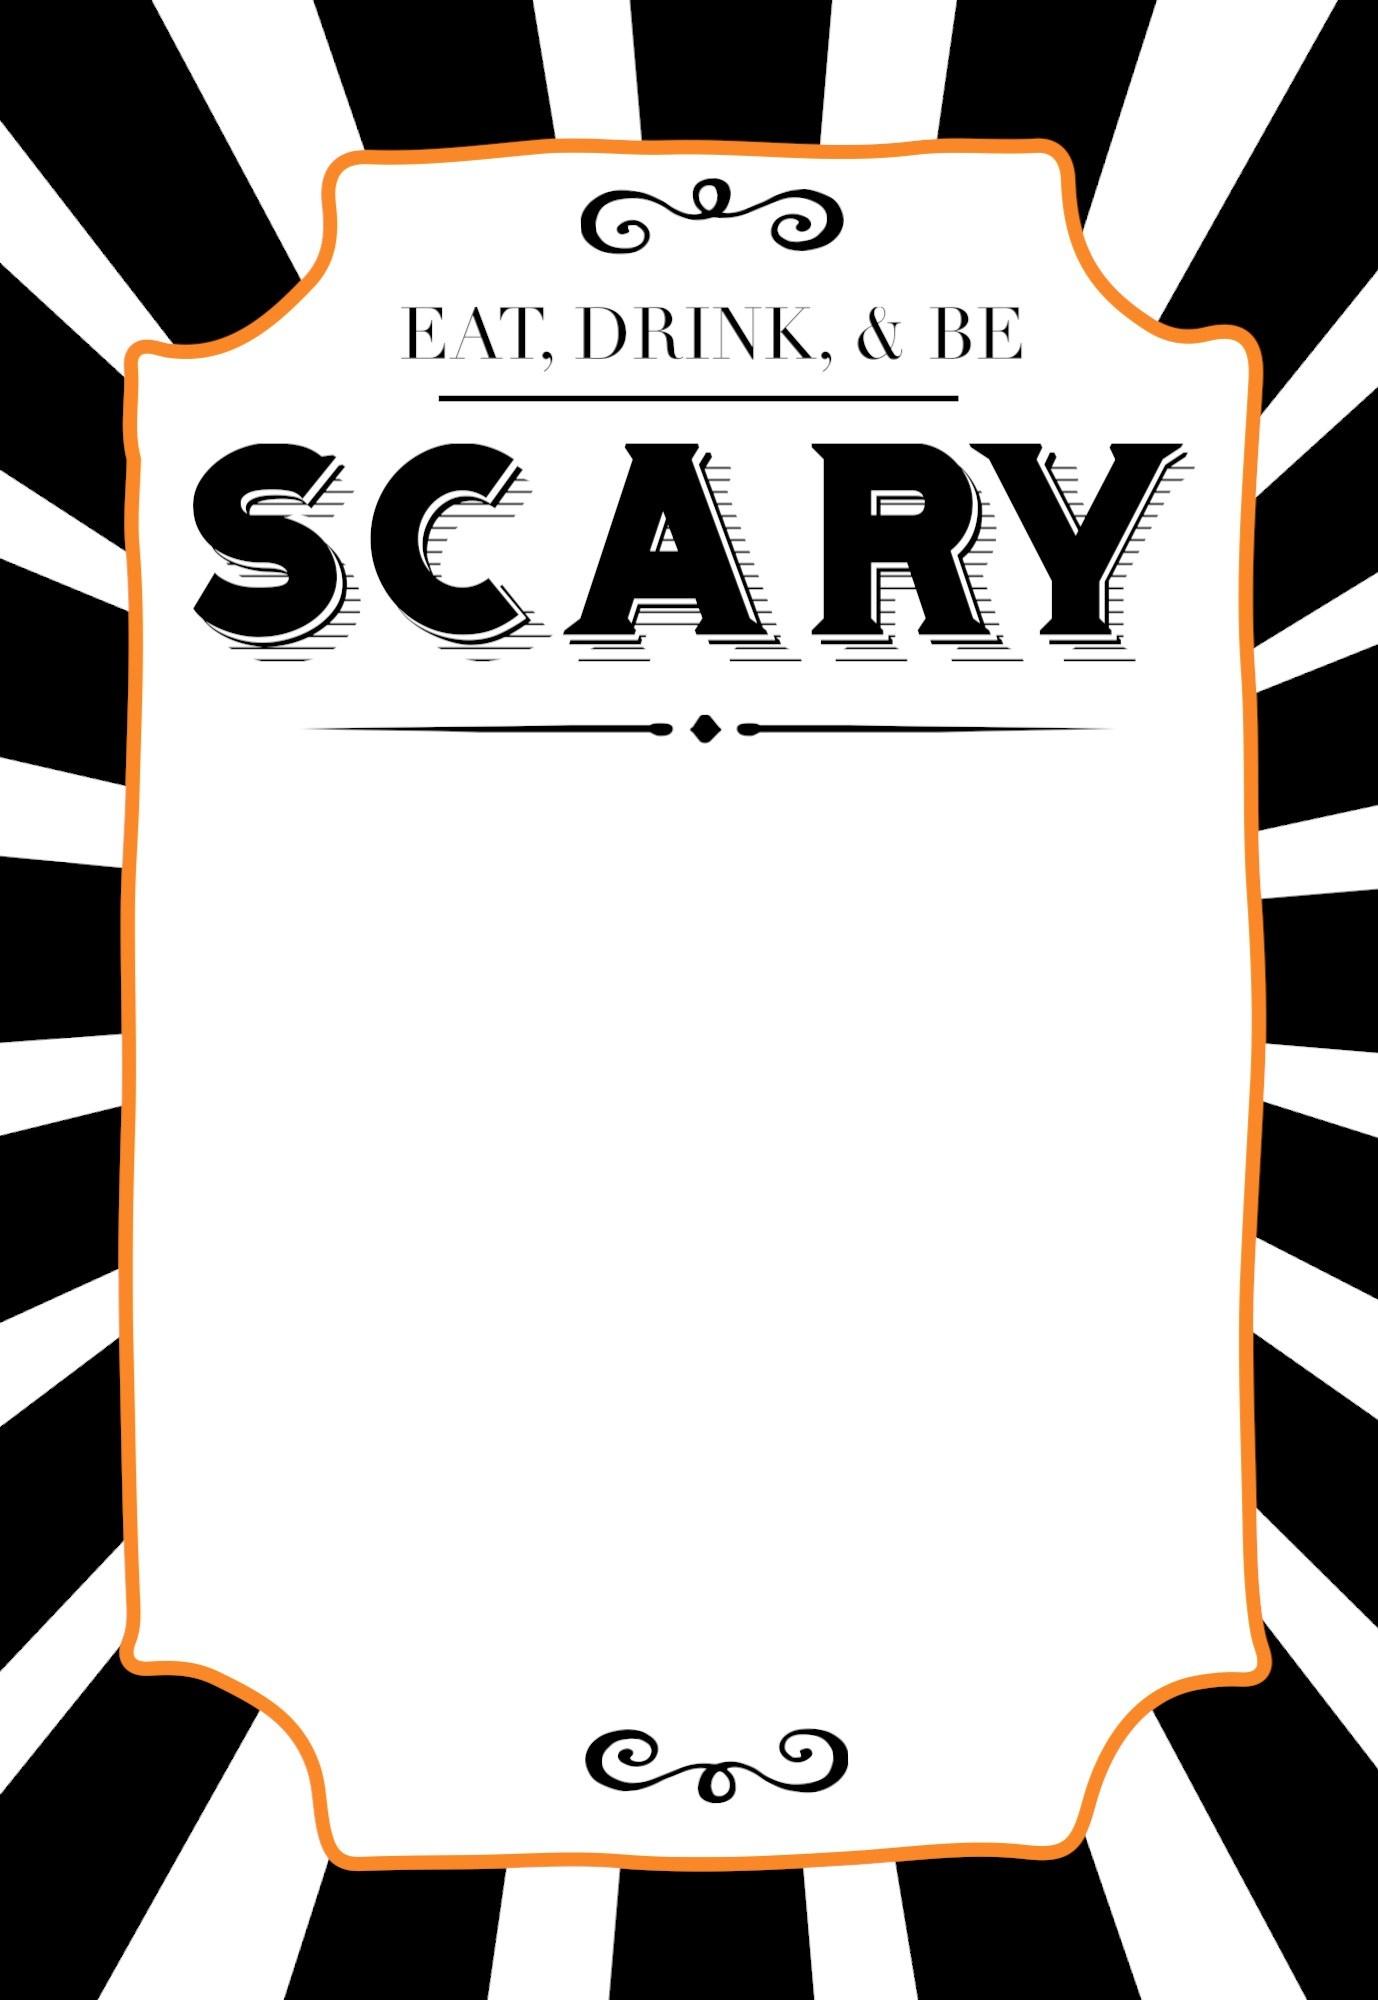 Halloween Invitations Free Printable Template - Paper Trail Design - Free Printable Halloween Party Invitations